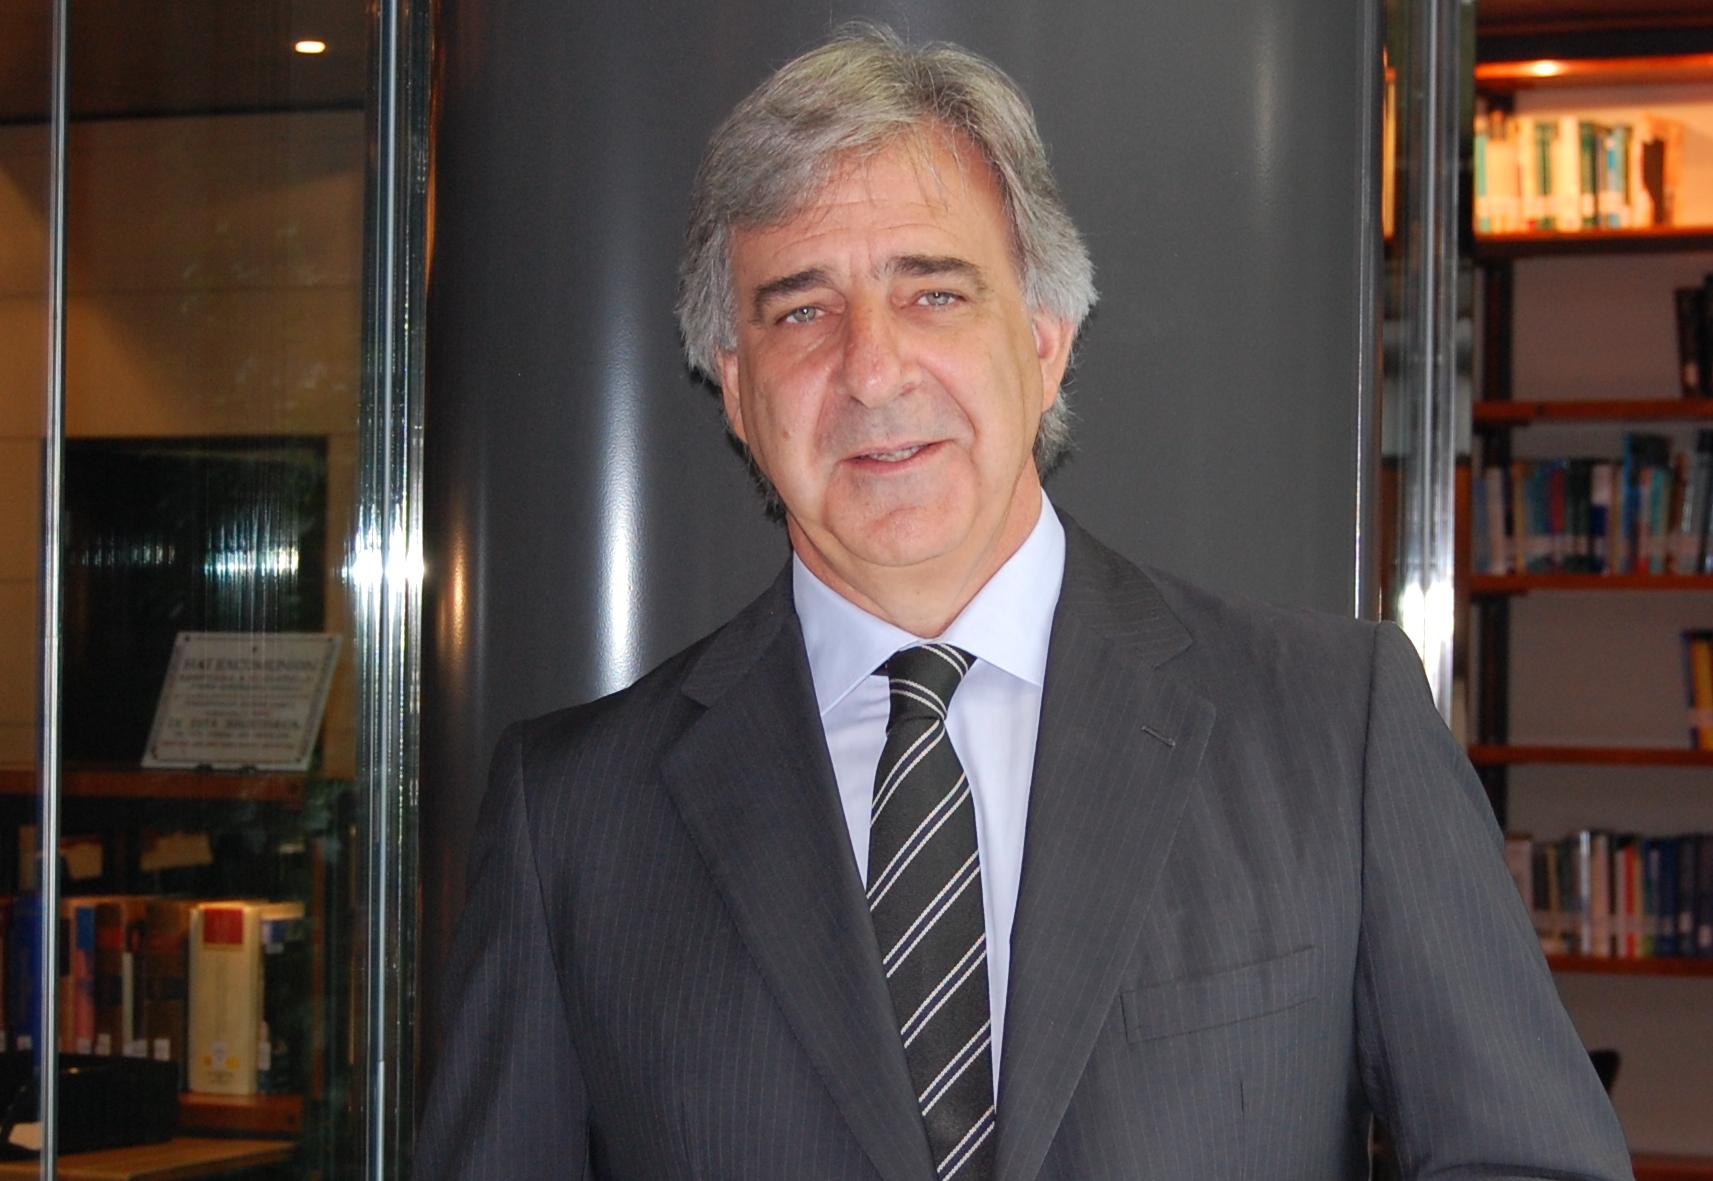 L'advocat Emilio Cuatrecasas. Foto: Mcsptw - Treball propi